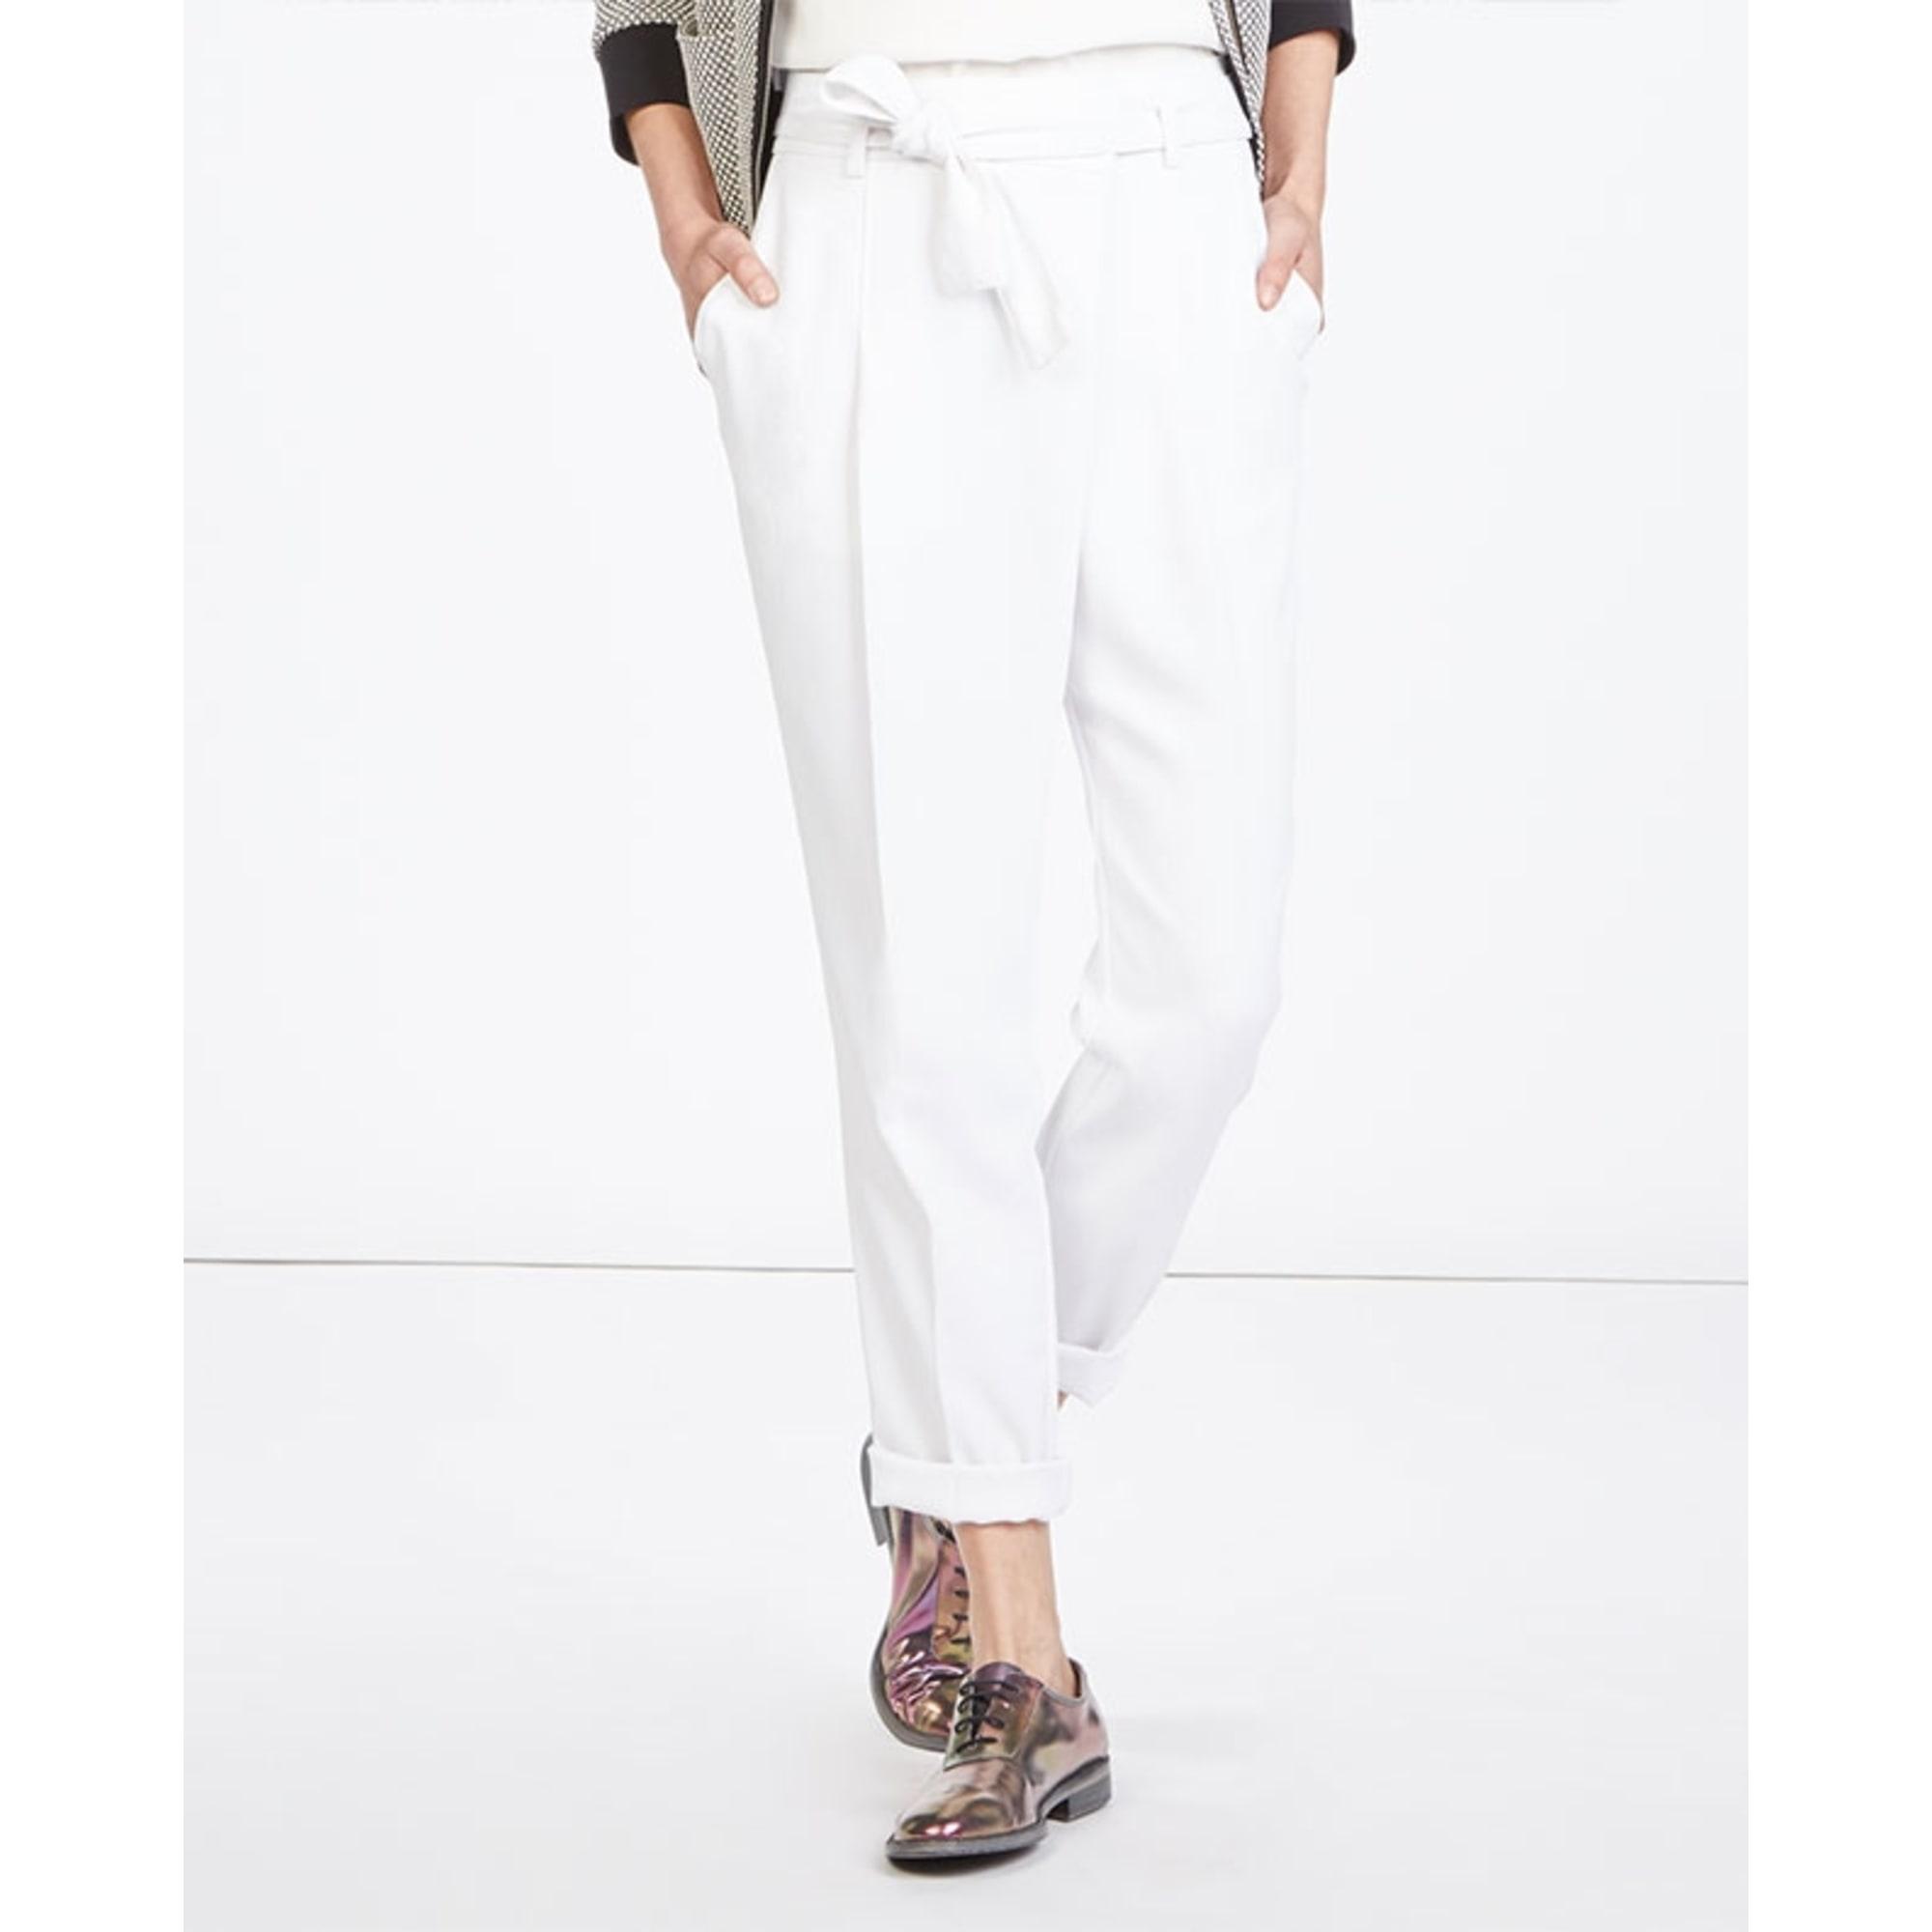 Pantalon carotte COMPTOIR DES COTONNIERS Blanc, blanc cassé, écru